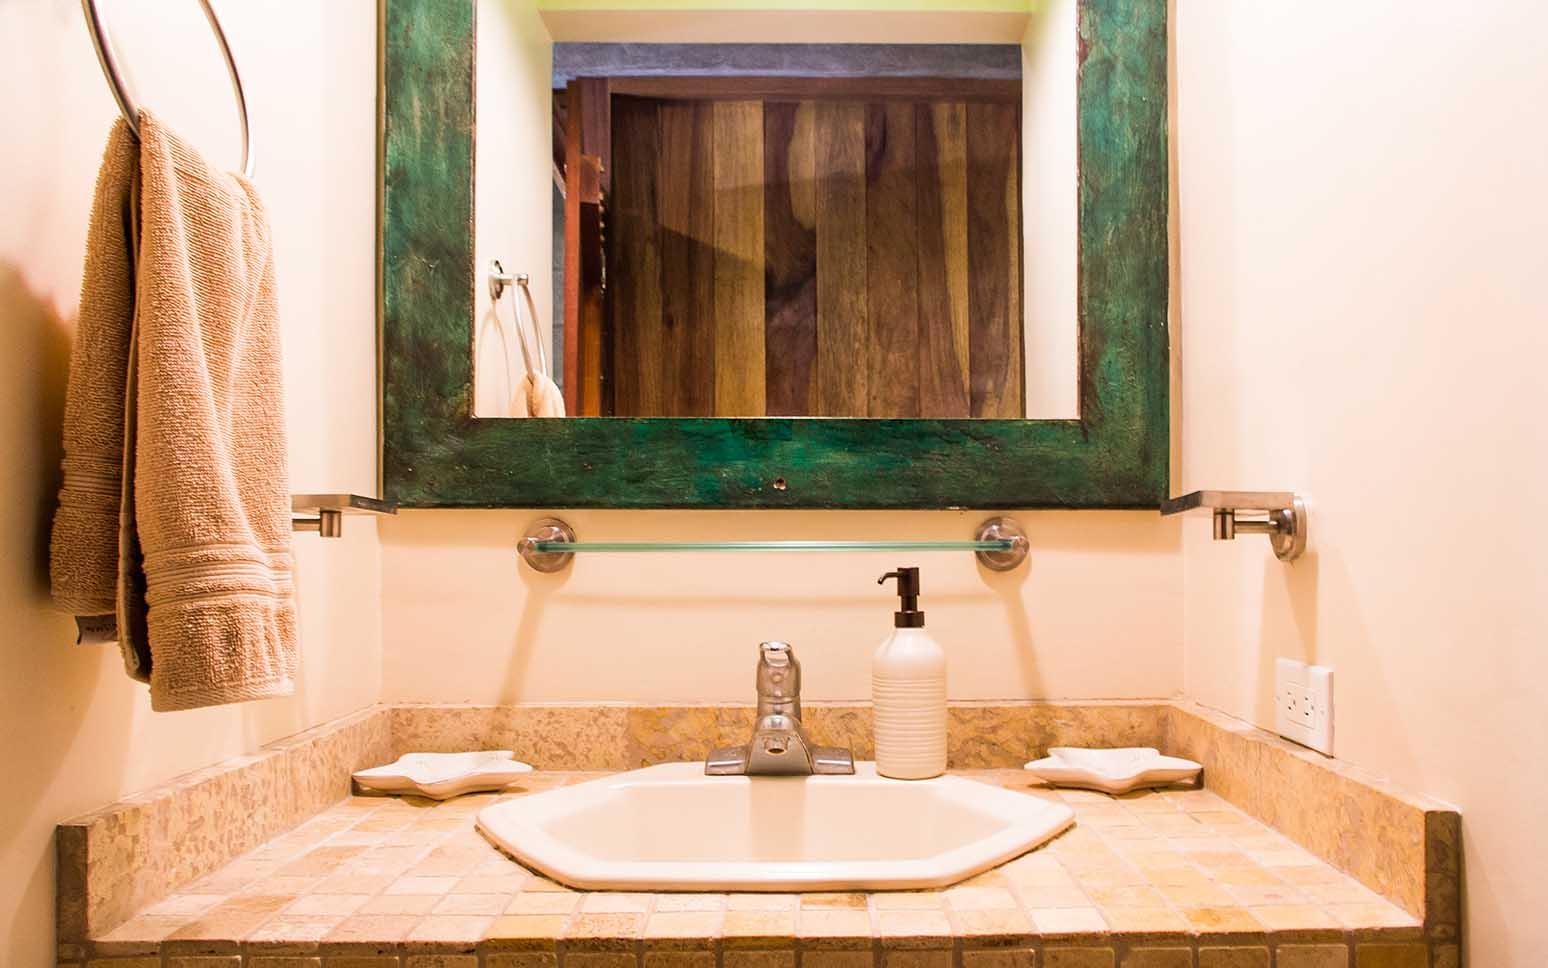 Casa Grande bathroom